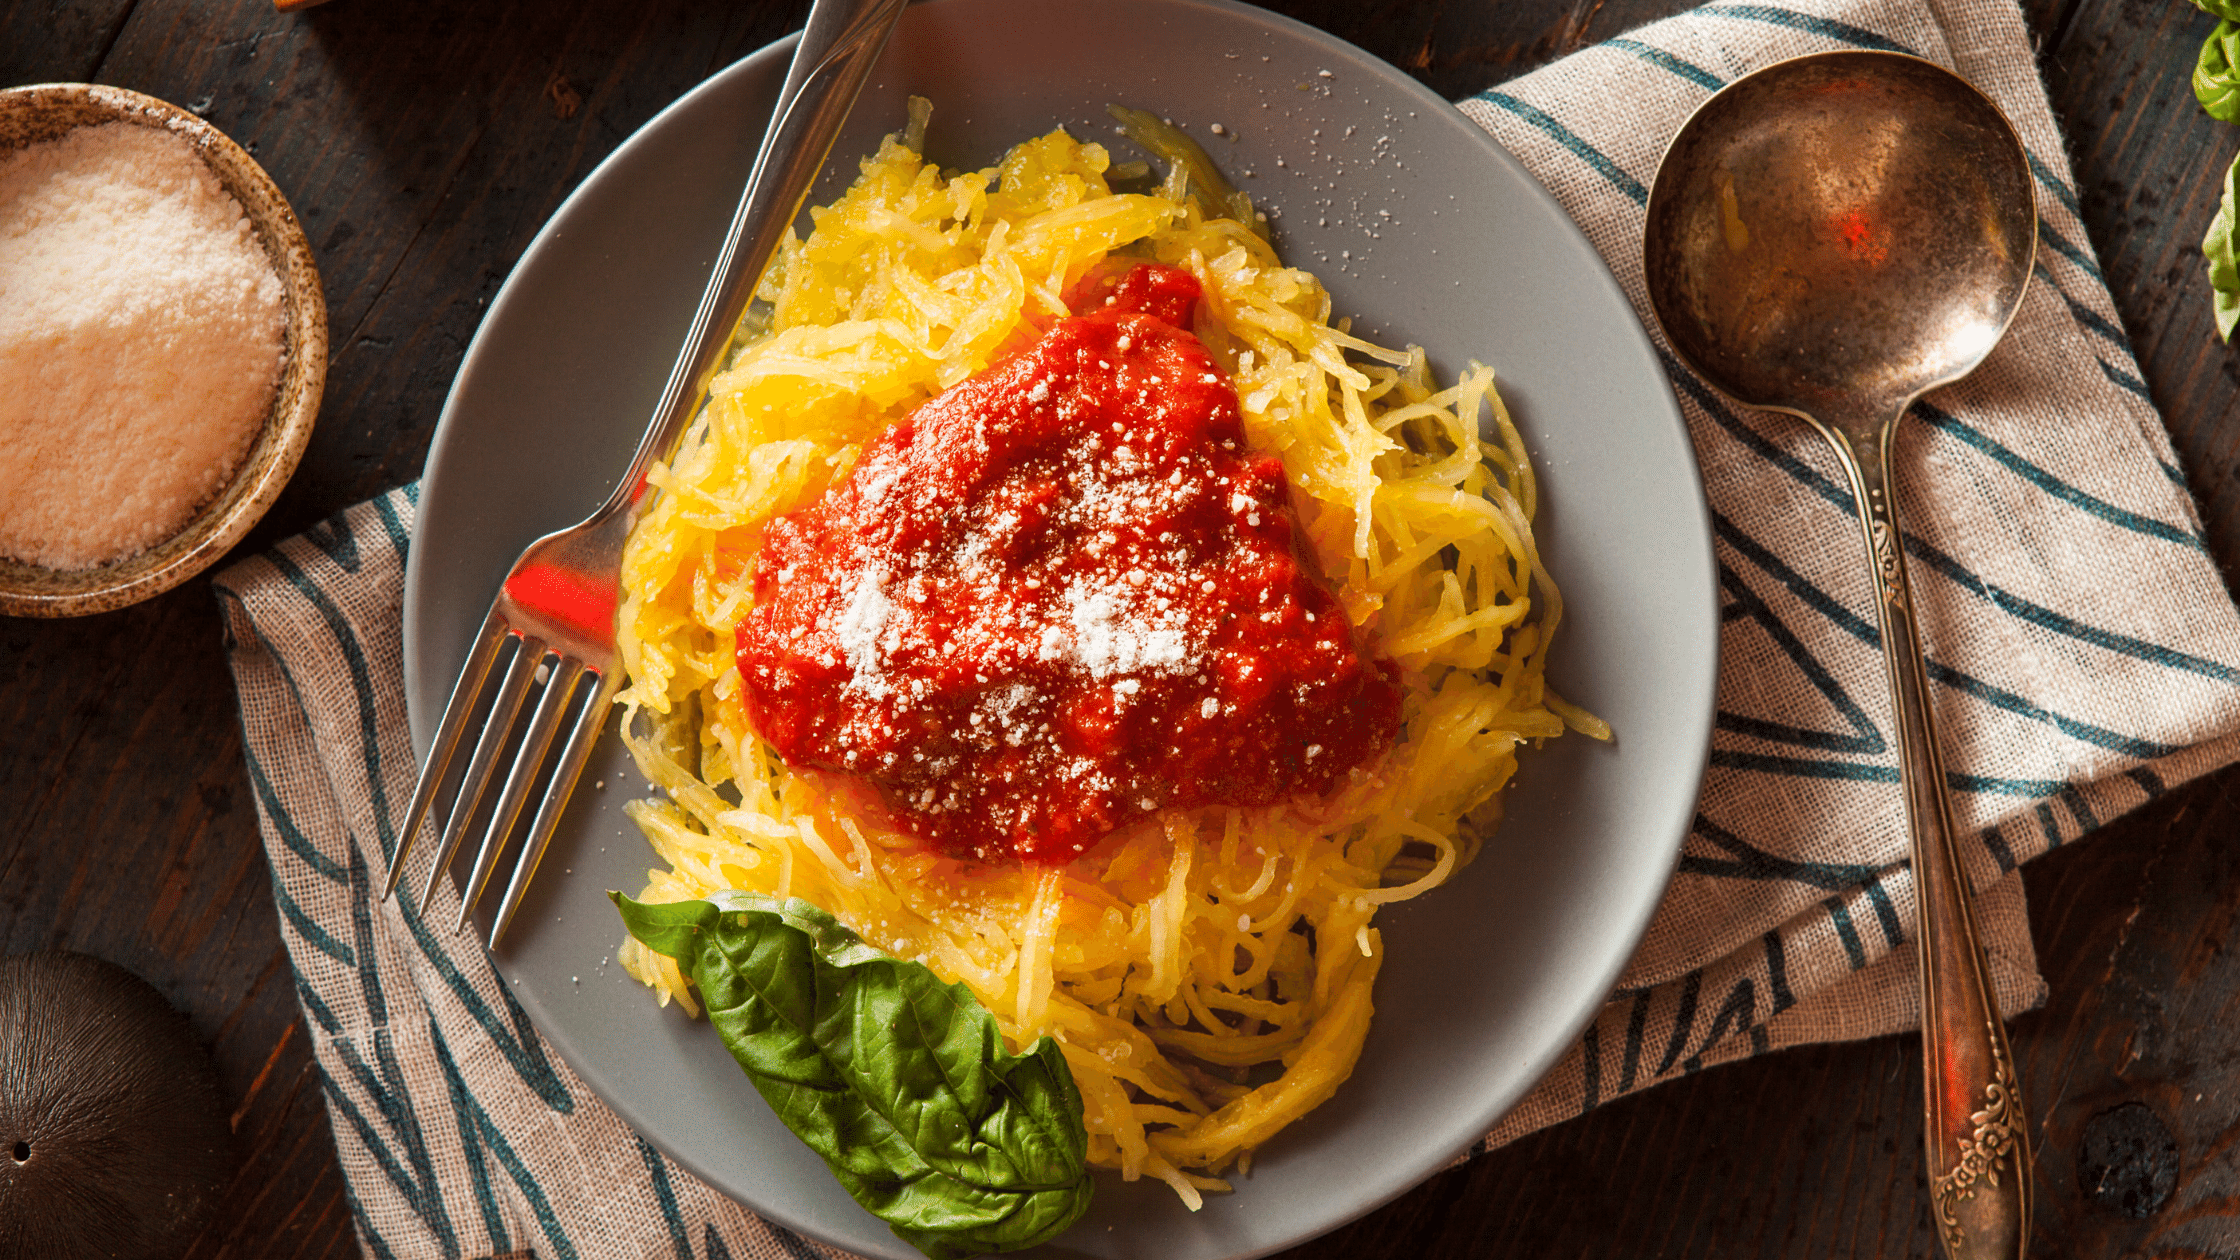 is spaghetti squash keto